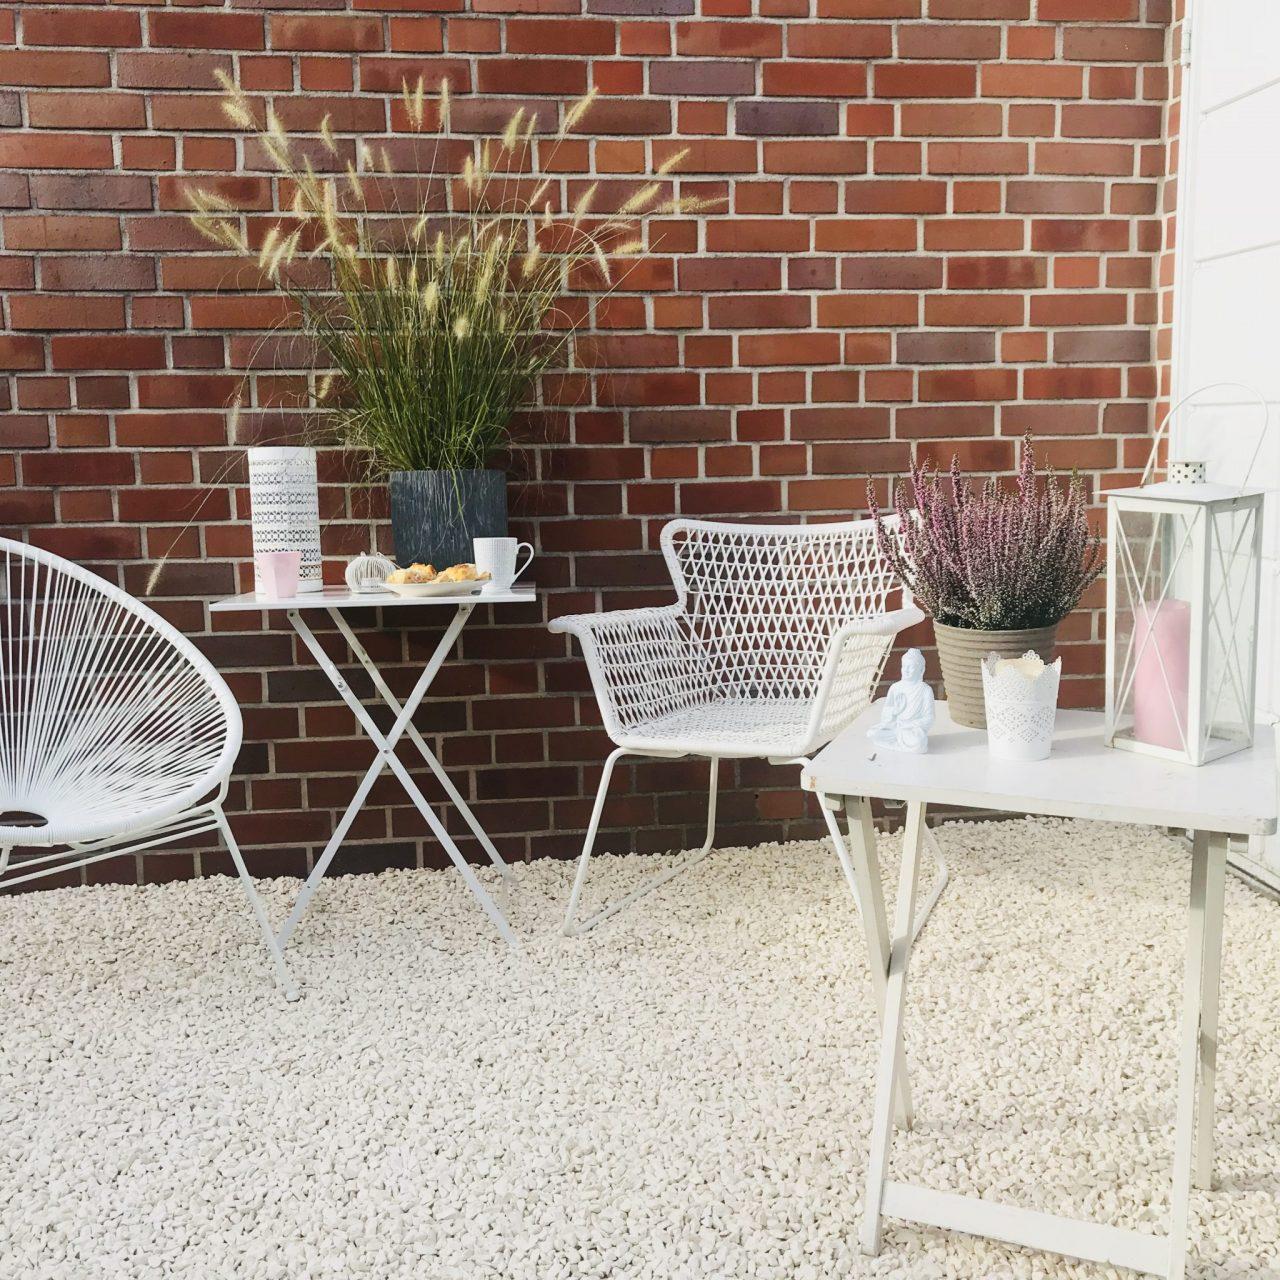 unsere garten lounge einfach angelegte kies terrasse chill out einrichtung sarahplusdrei. Black Bedroom Furniture Sets. Home Design Ideas